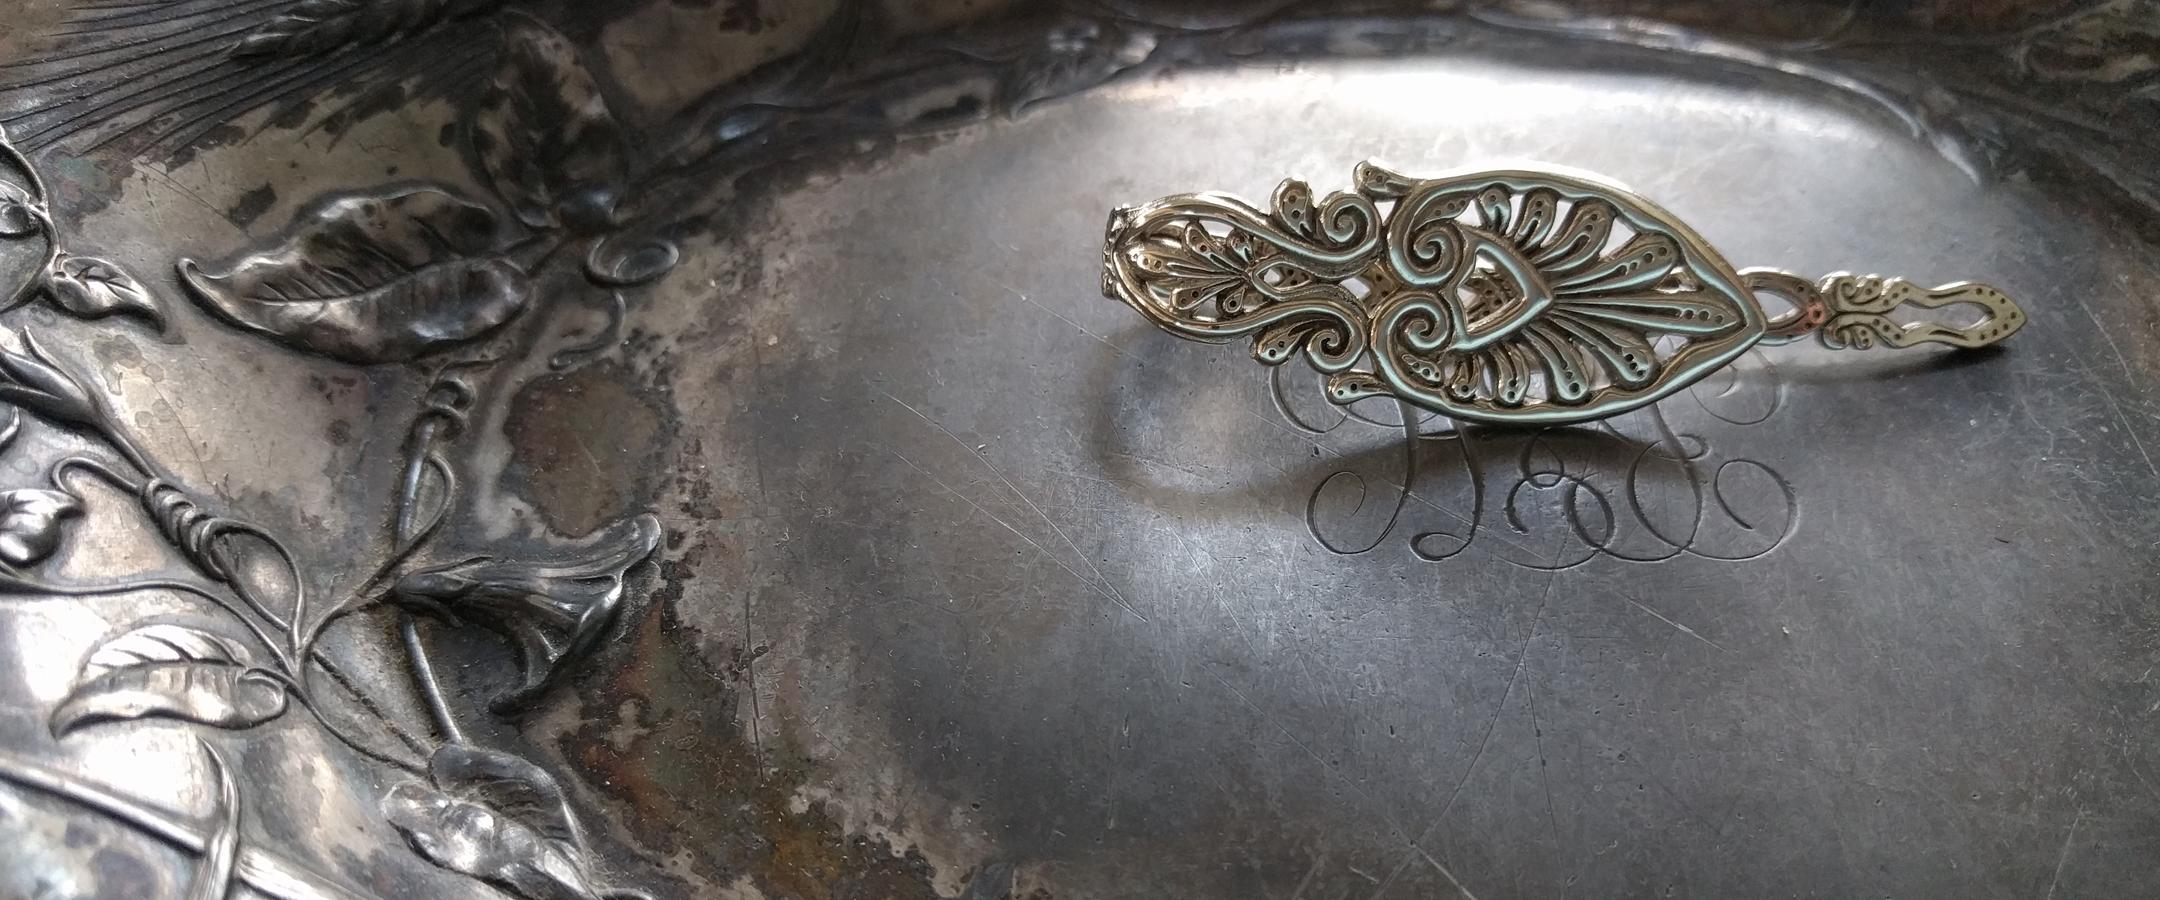 Palm metal shawl pin